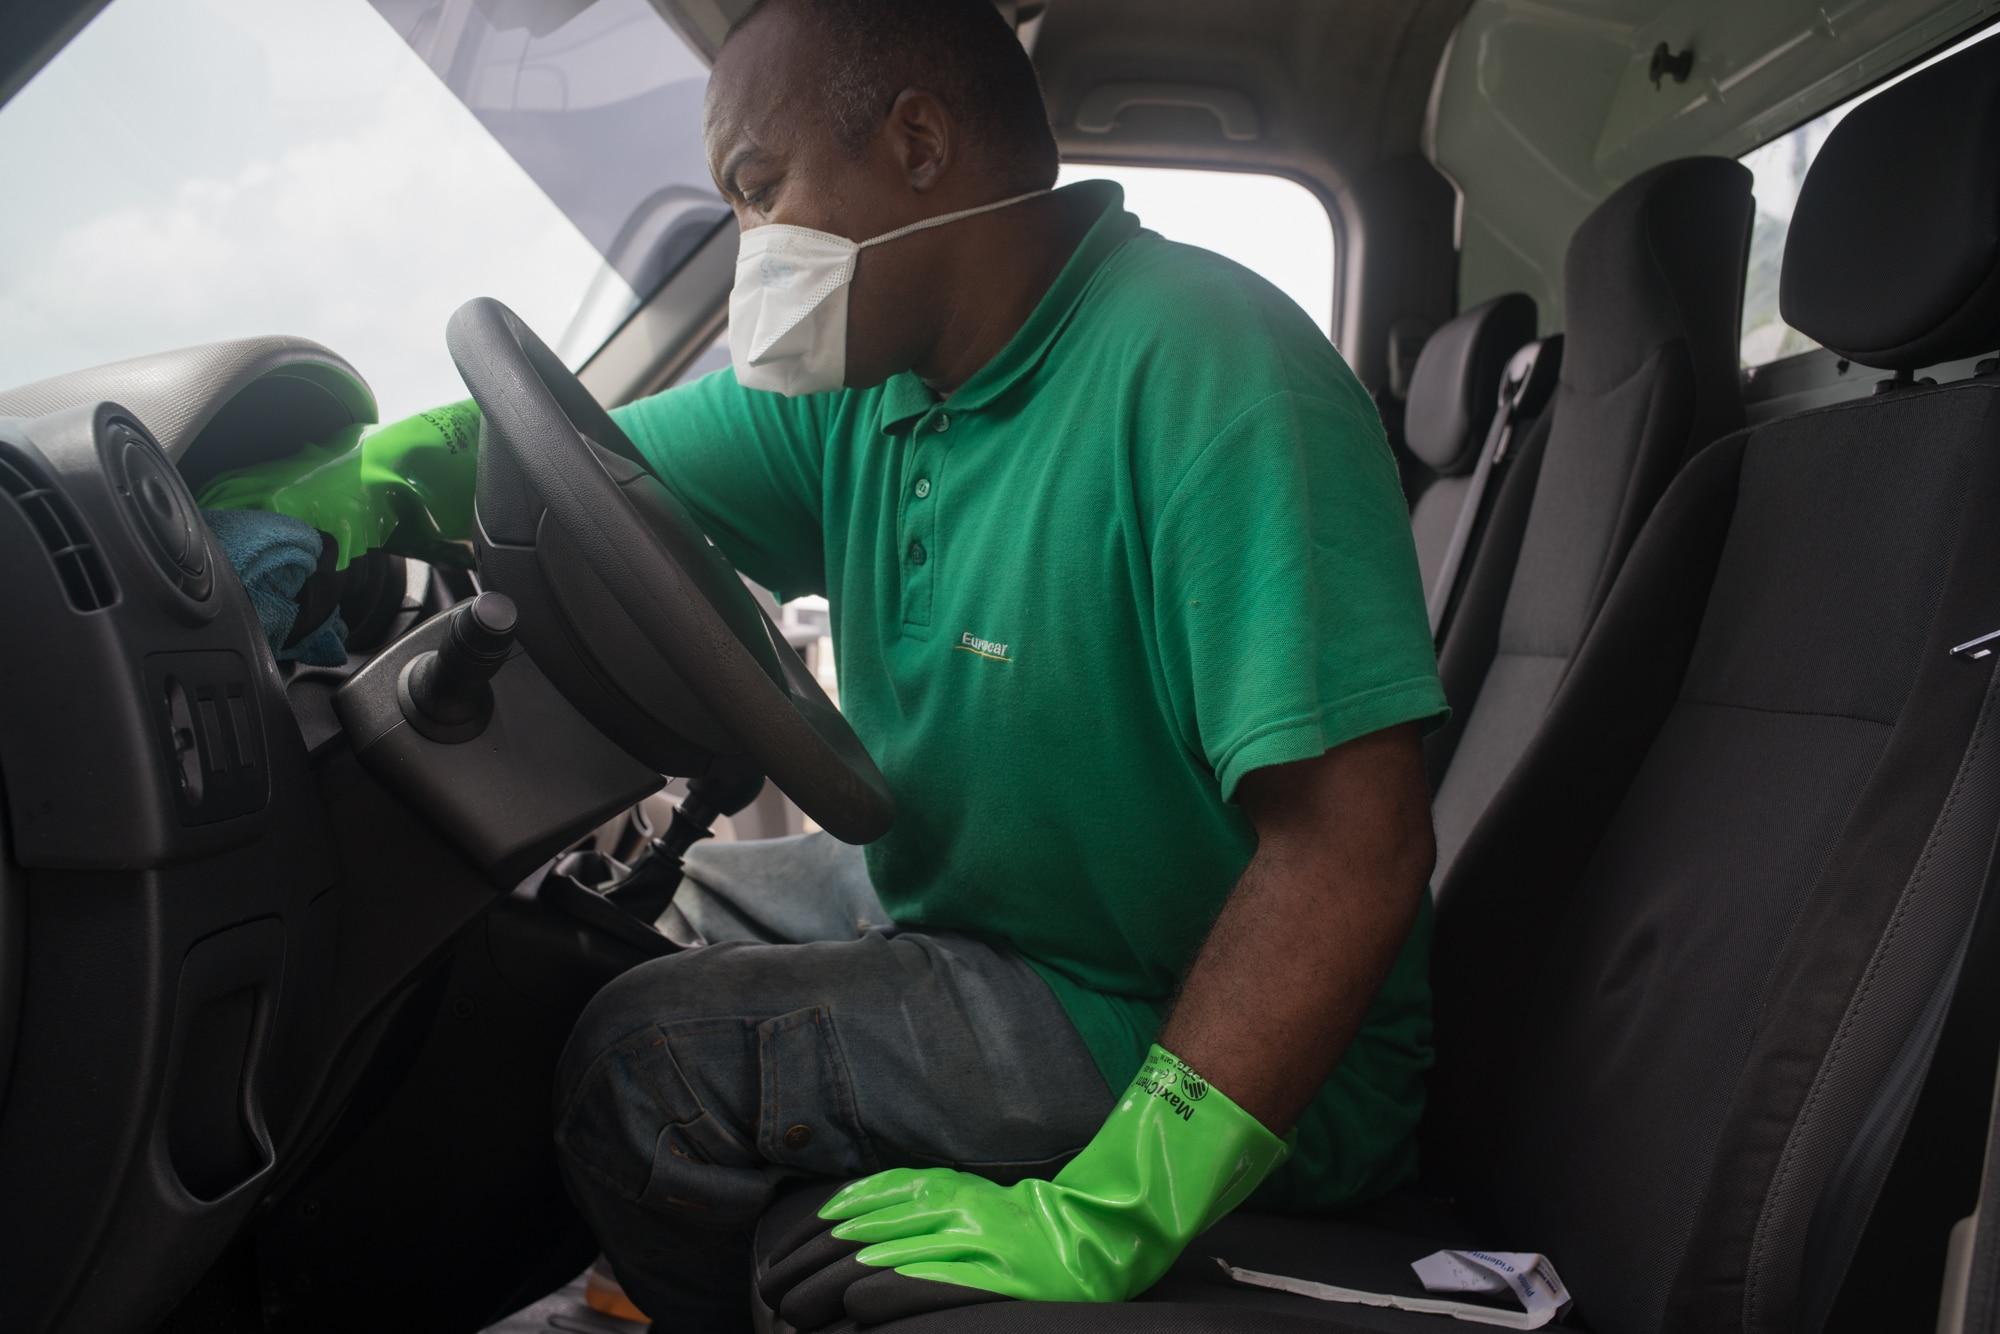 Équipé de gants en caoutchouc et d'un masque, Fred applique un produit nettoyant sur le tableau de bord.